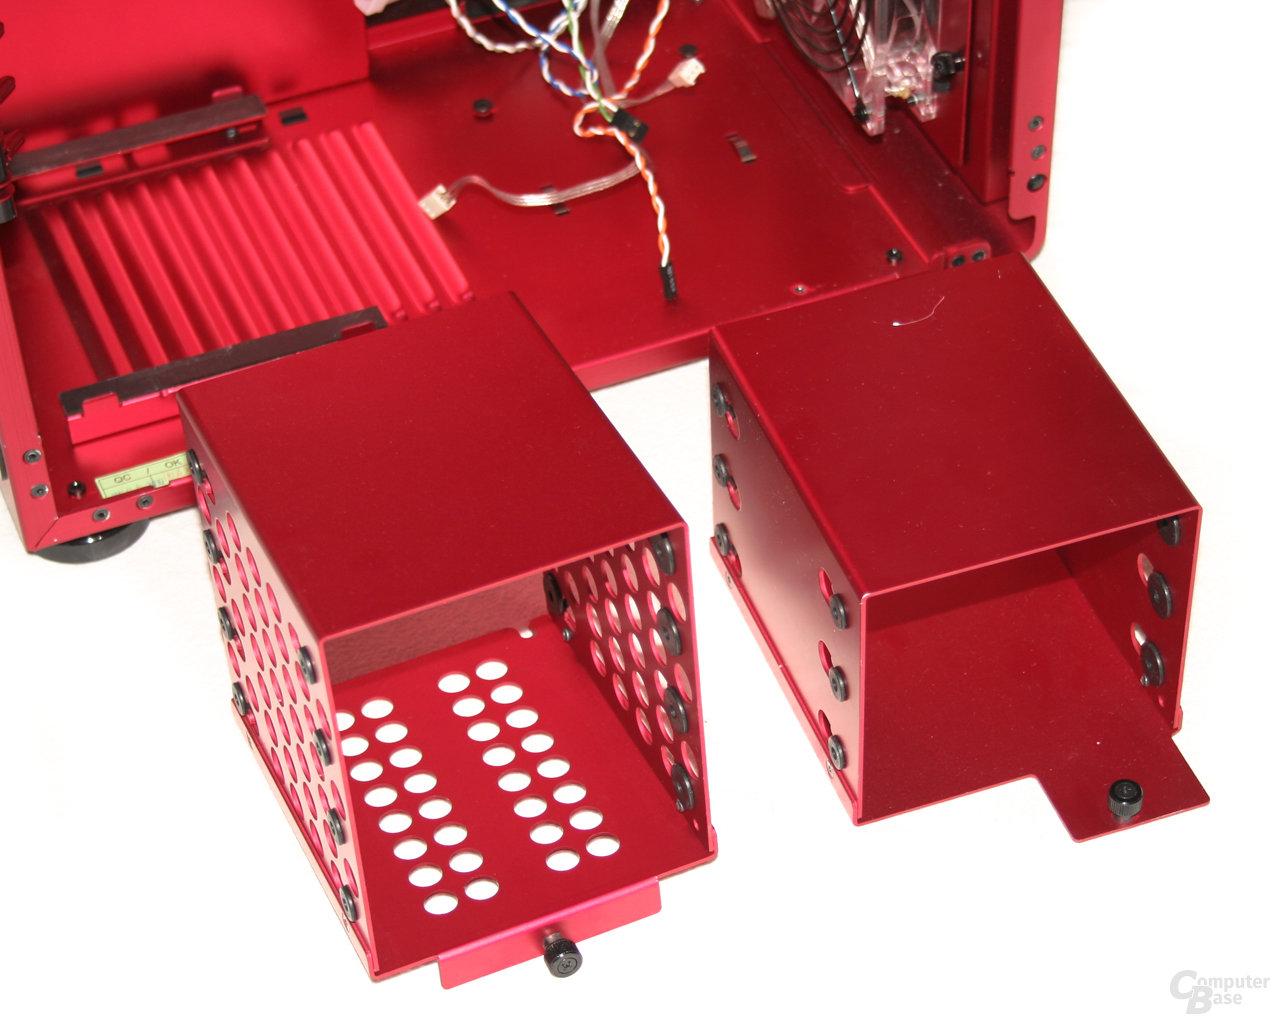 Lian Li PC-X900R – Festplattenkäfige